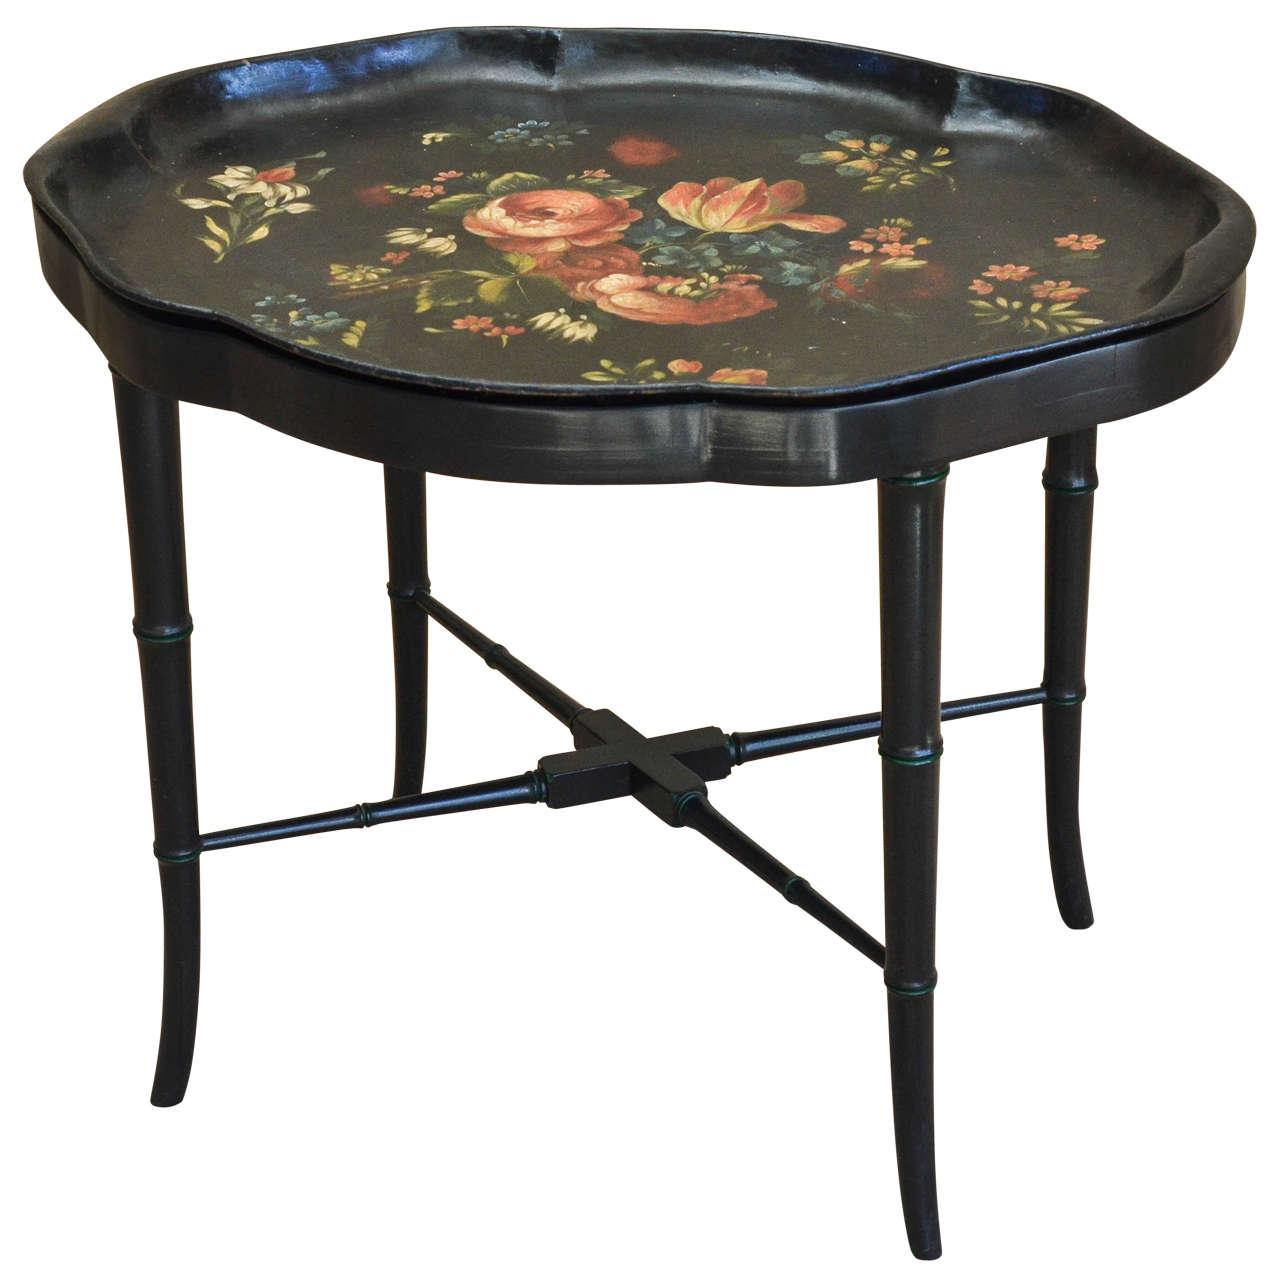 Victorian Black Papier Mâché Tray Table For Sale